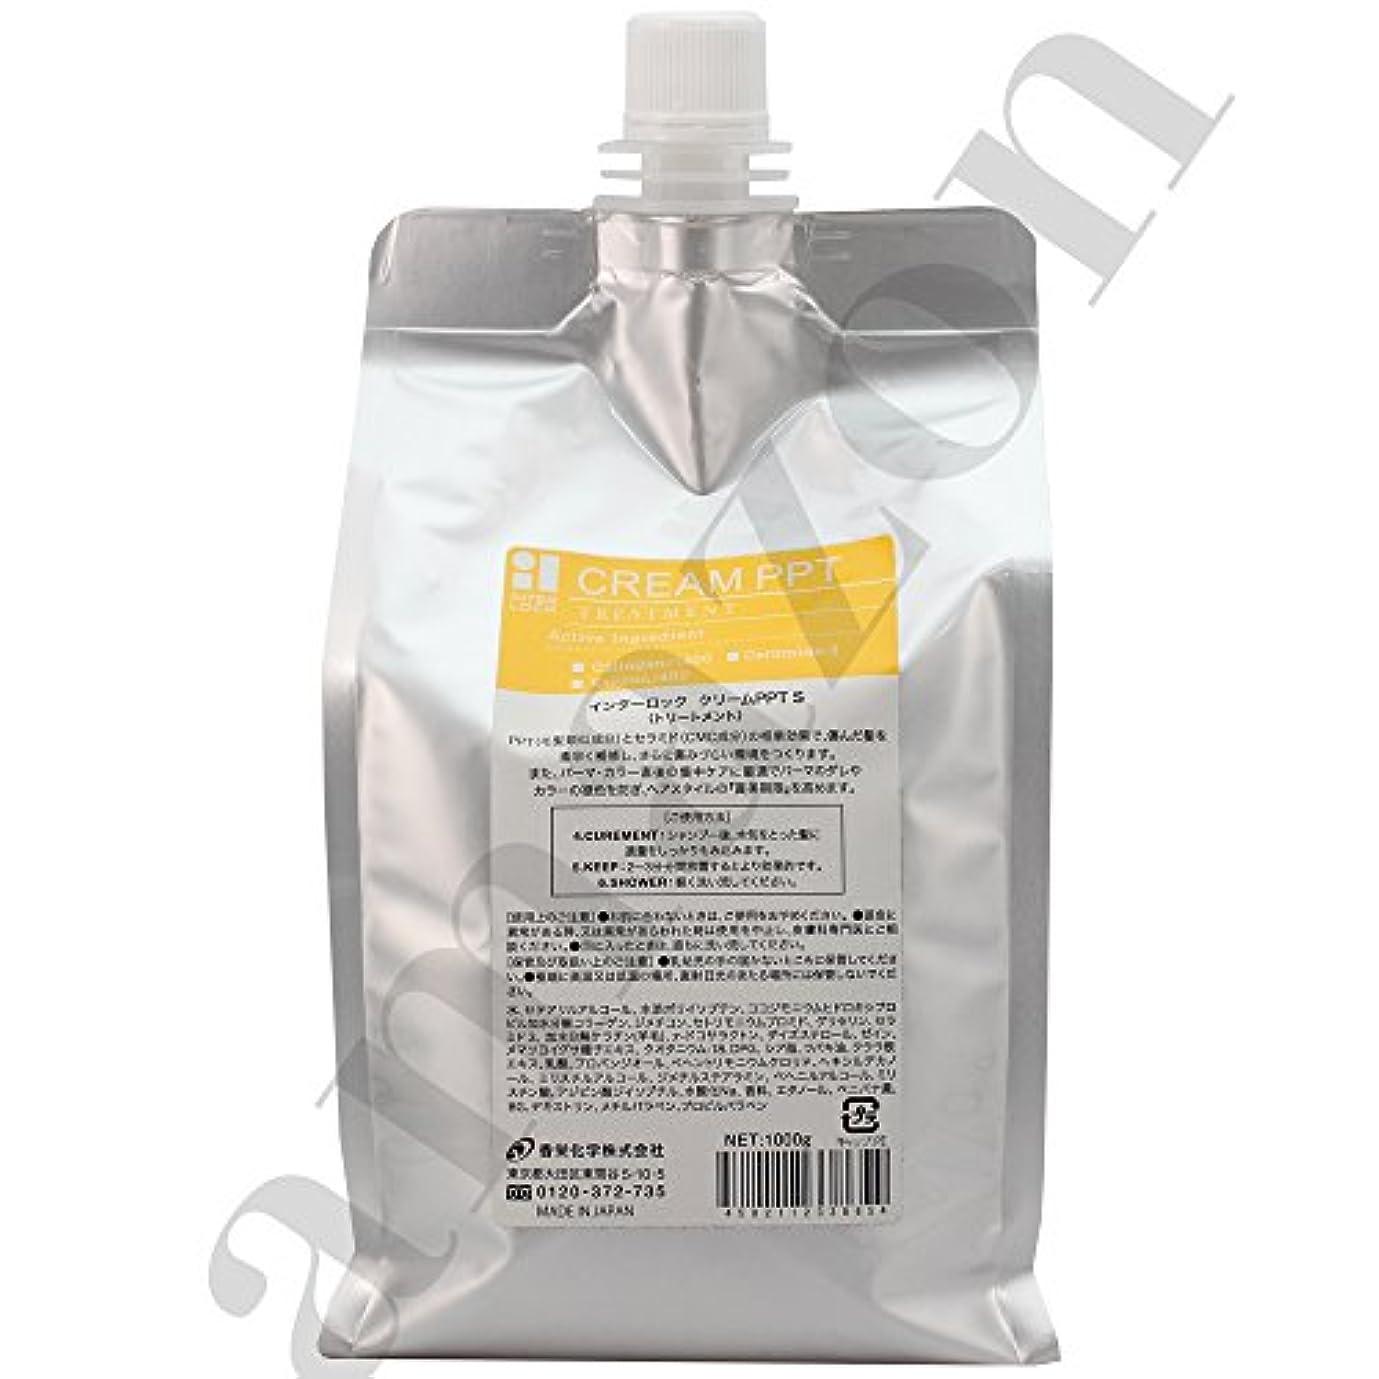 ぬるい気候アサート香栄化学 インターロック クリームPPT S レフィル 1000g